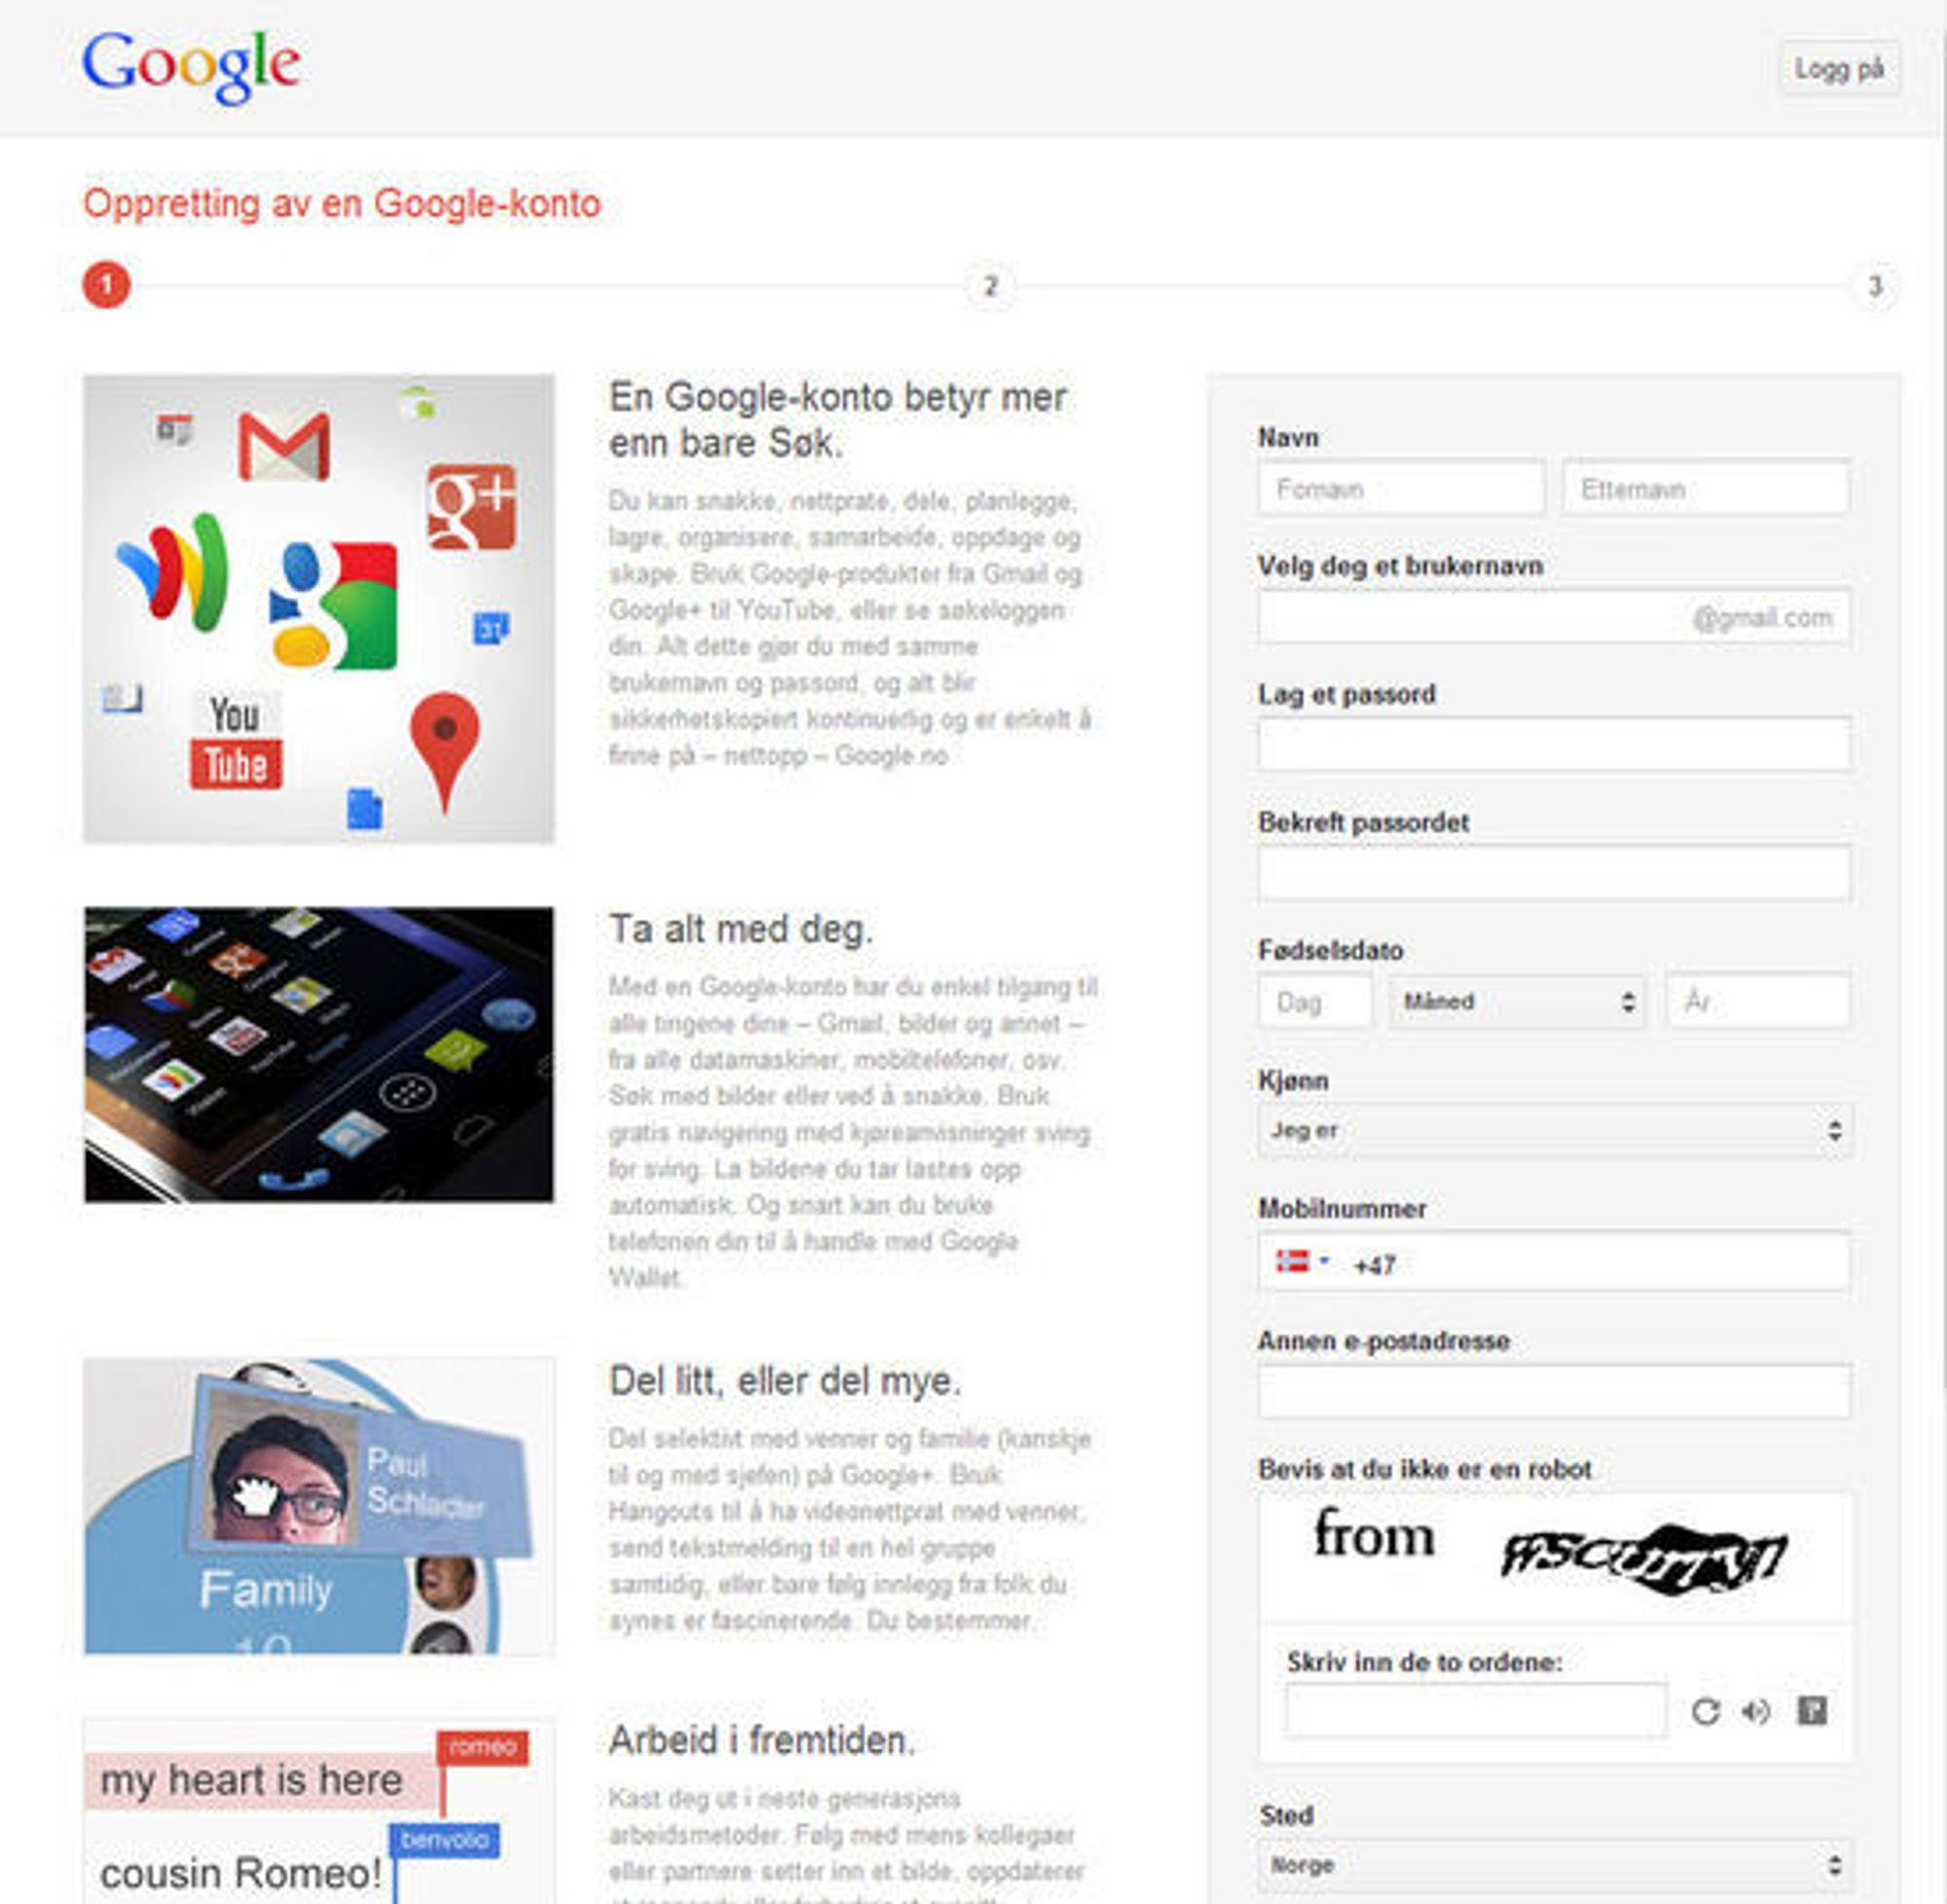 Nytt skjema for registrering av Google-konto.